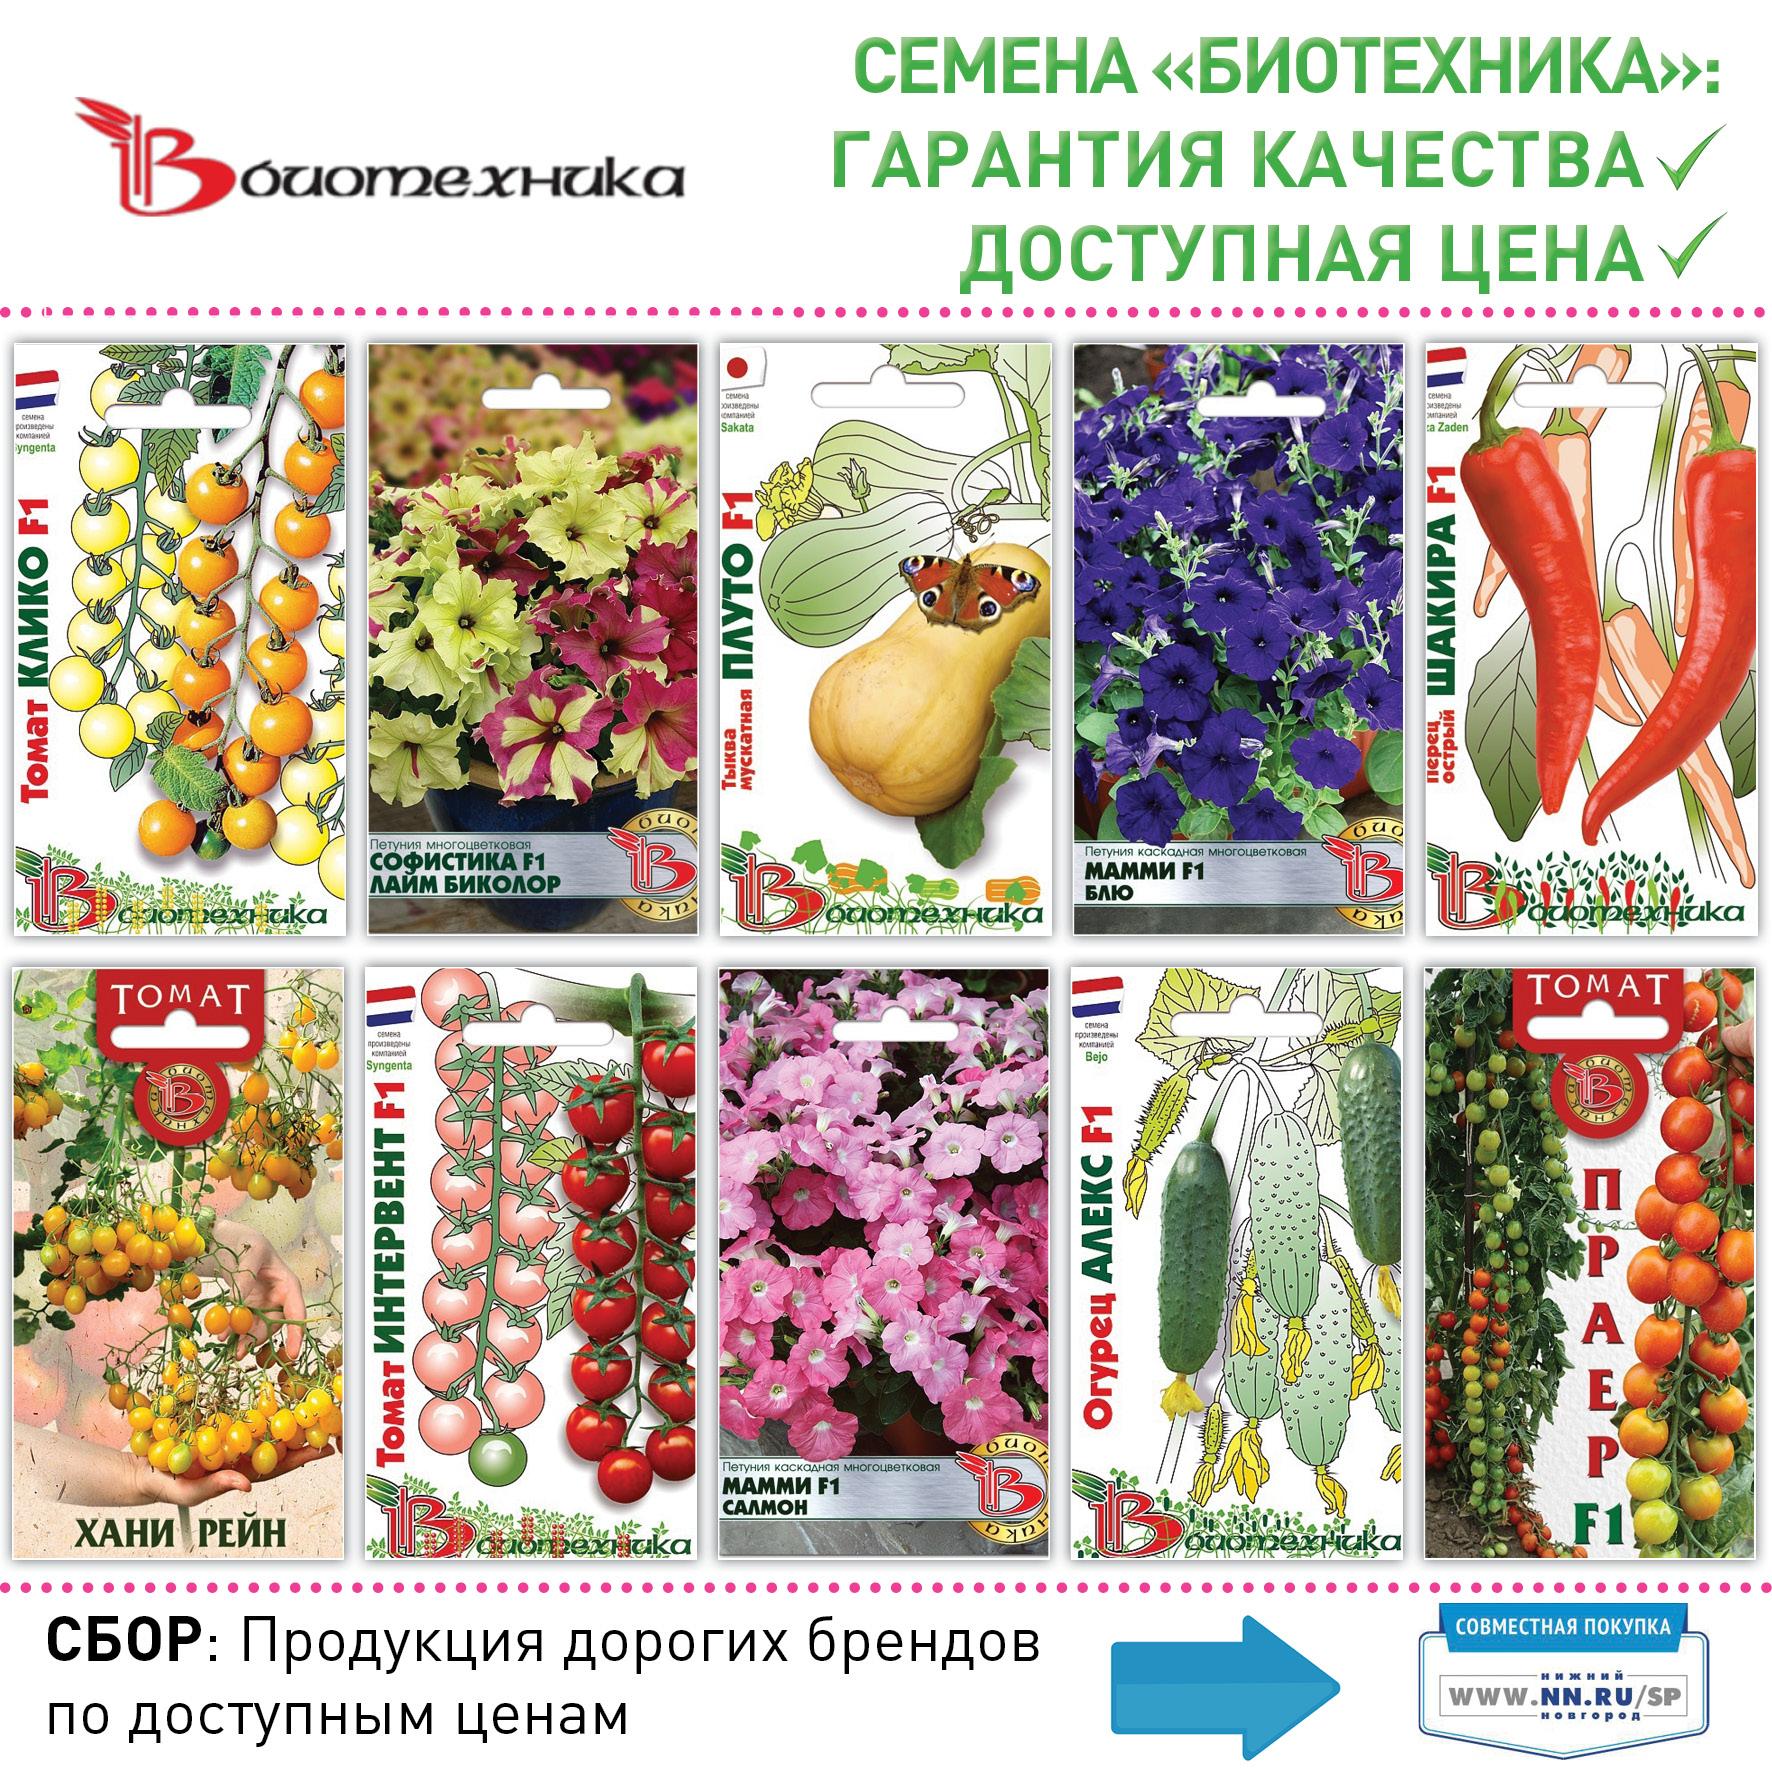 Сайт Биотехника Семена Официальный Интернет Магазин Розница